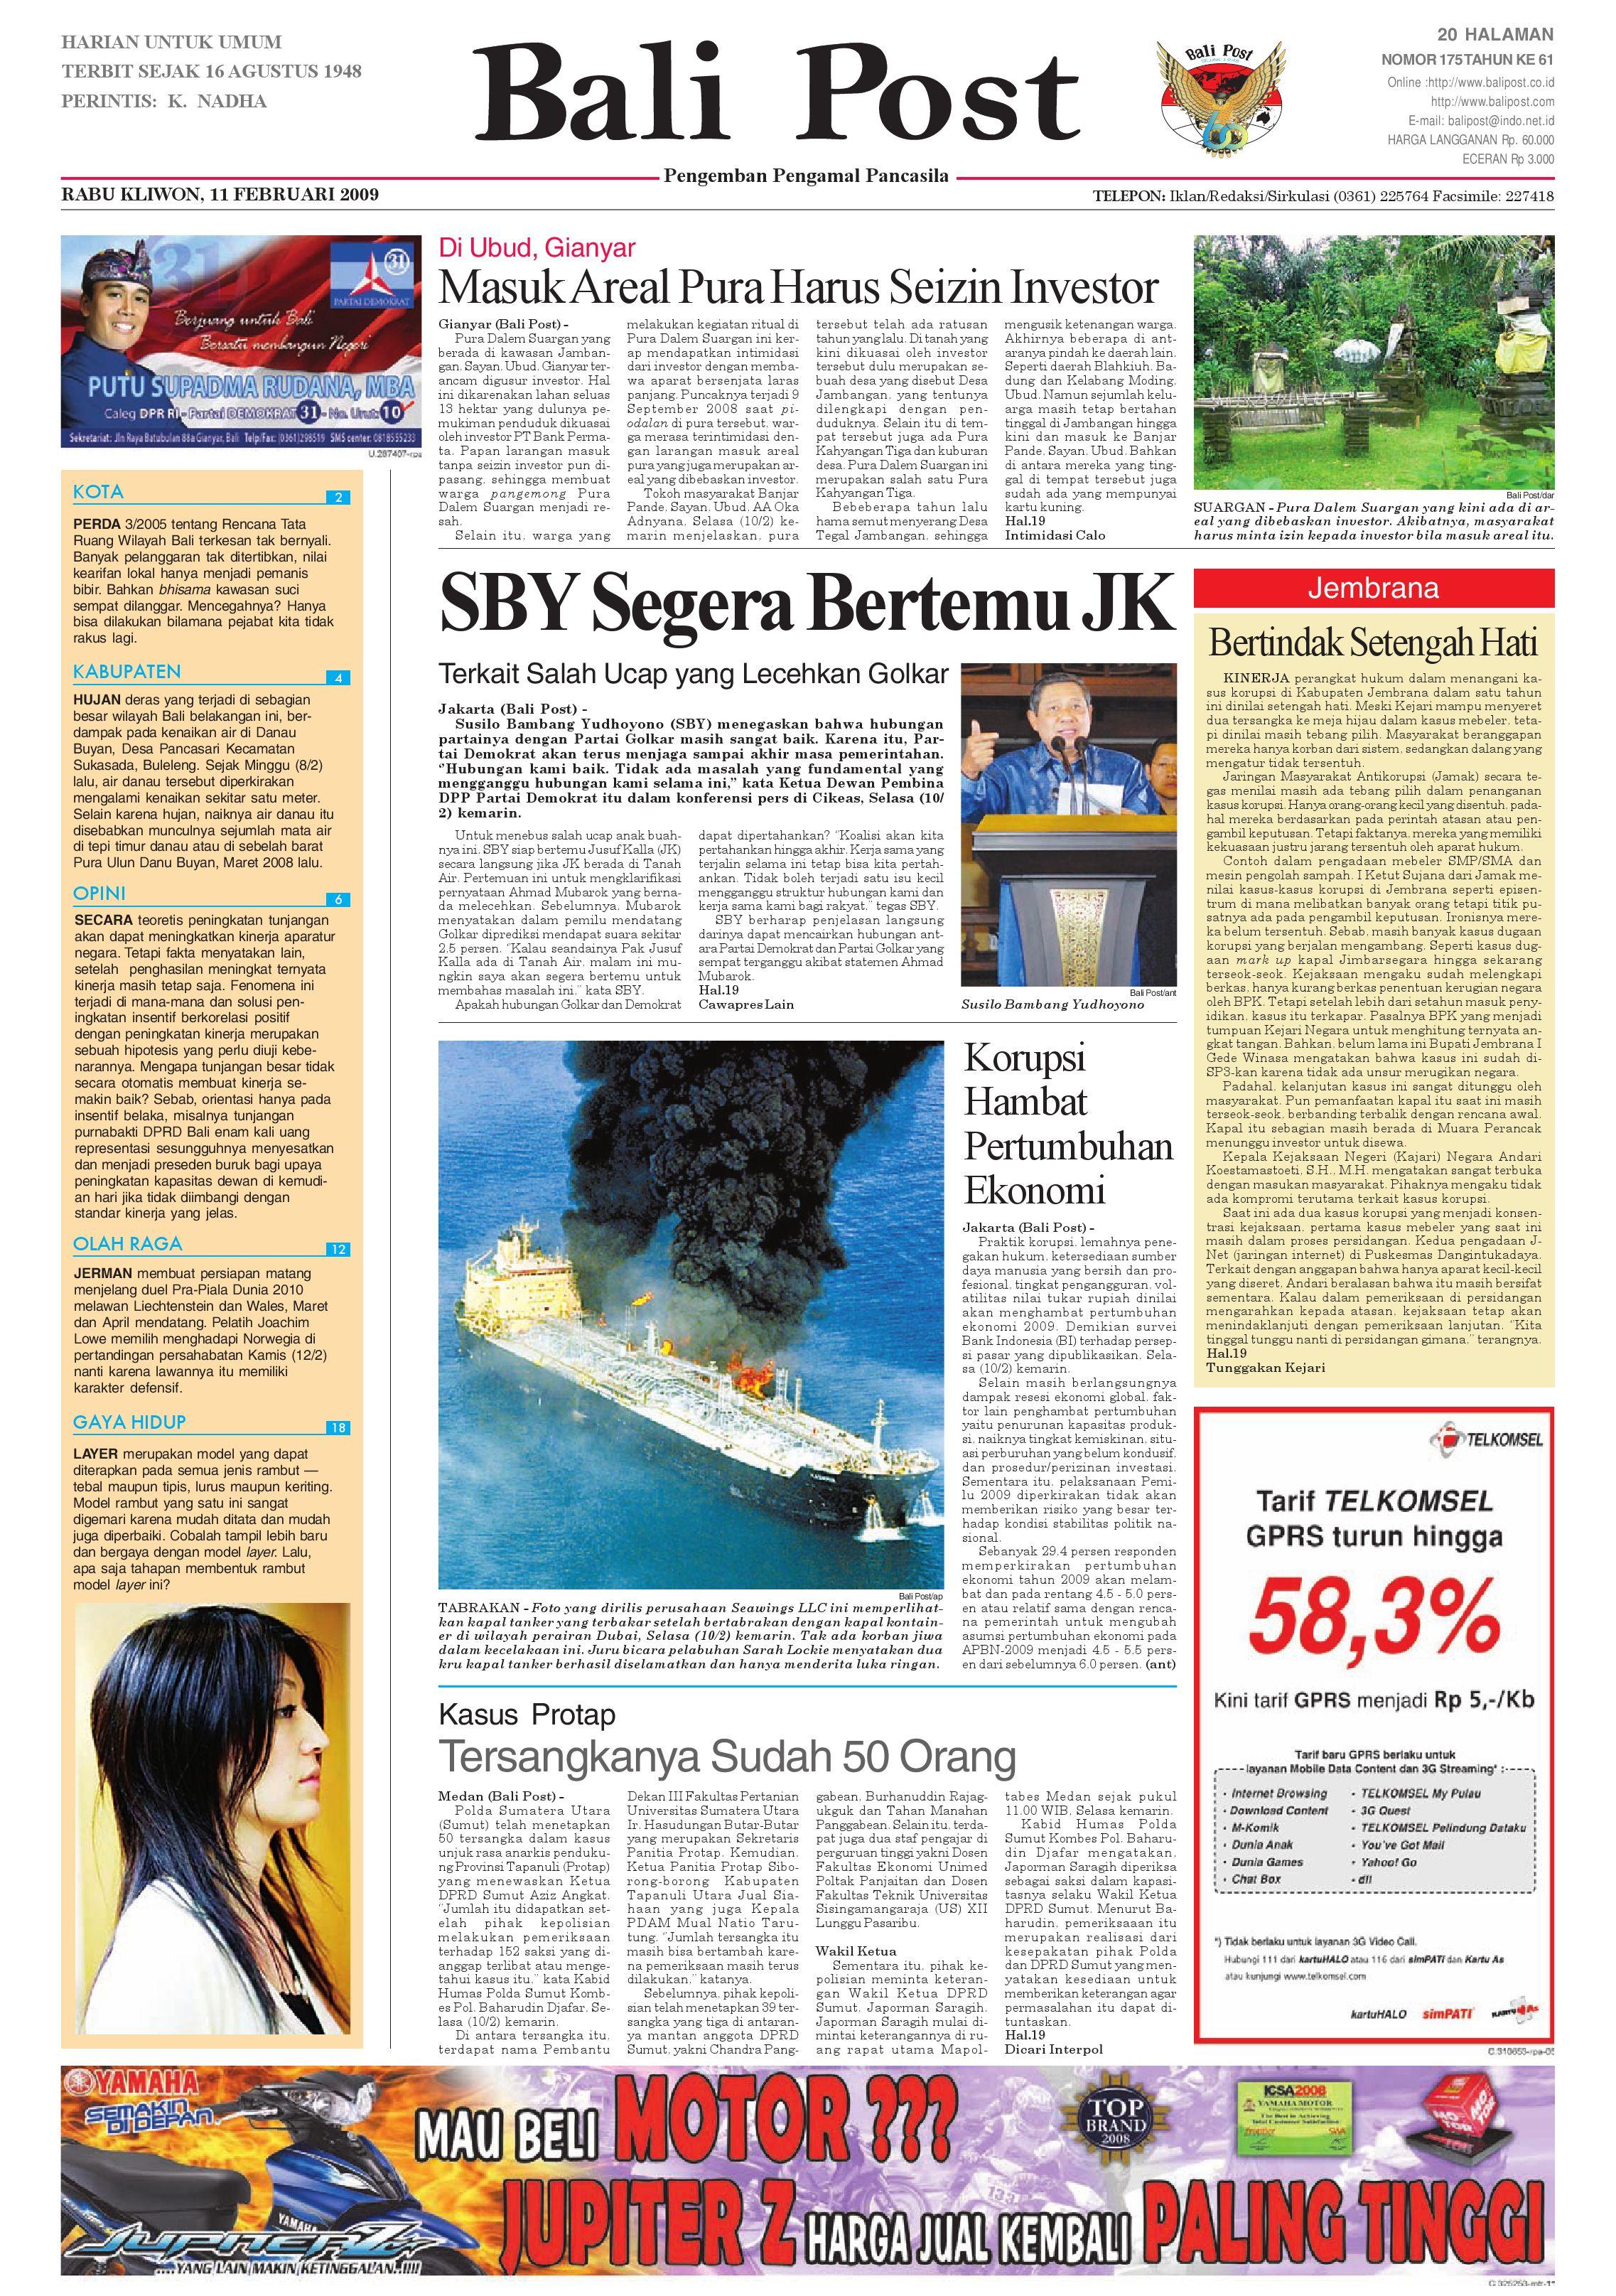 Bali Post Rabu 11 Februari 2009 By E Paper KMB Issuu